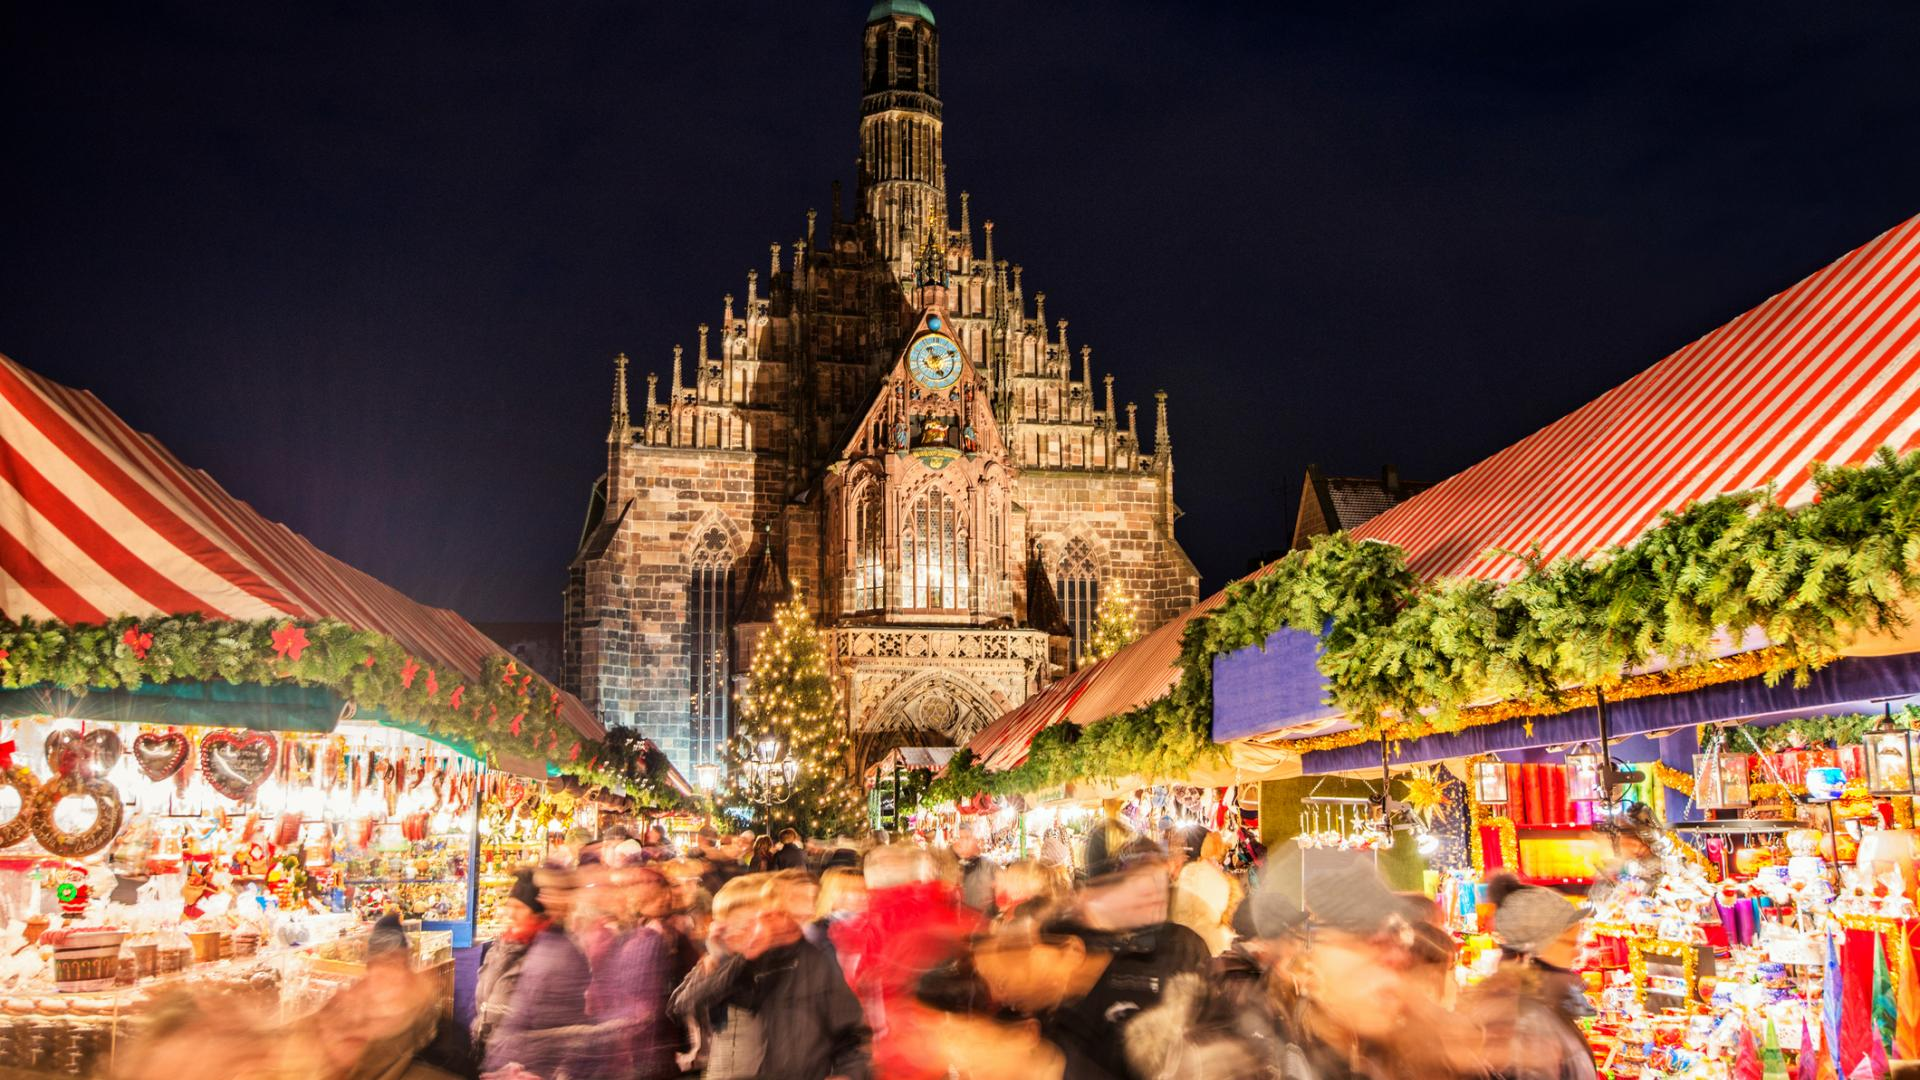 Nürnberger Christkindlesmarkt Weihnachten